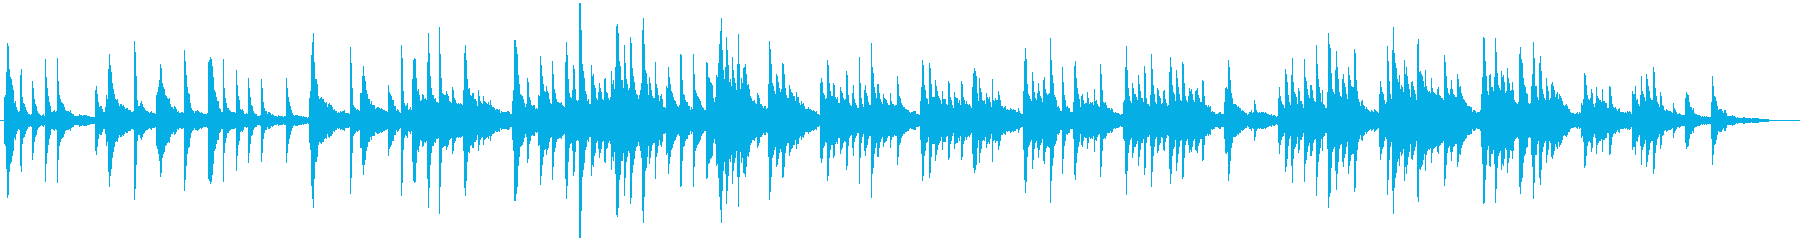 静かなピアノソロ 良い感じの再生済みの波形